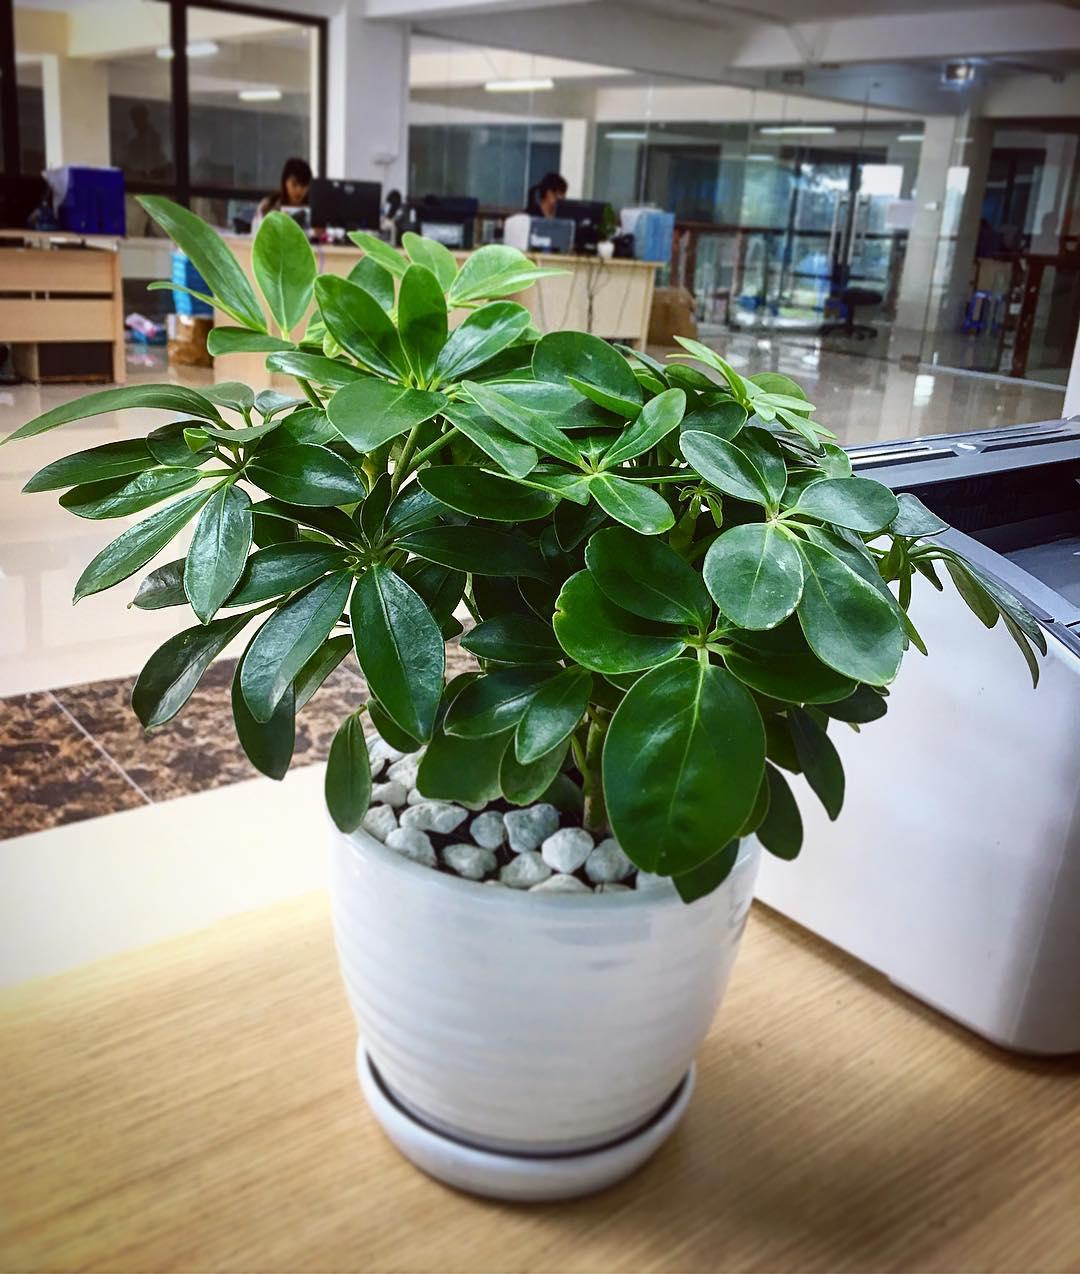 Trồng ngay 6 loại cây này trong phòng làm việc là không lo túng thiếu, đắc tài đắc lộc, làm ăn vượng phát - Ảnh 6.